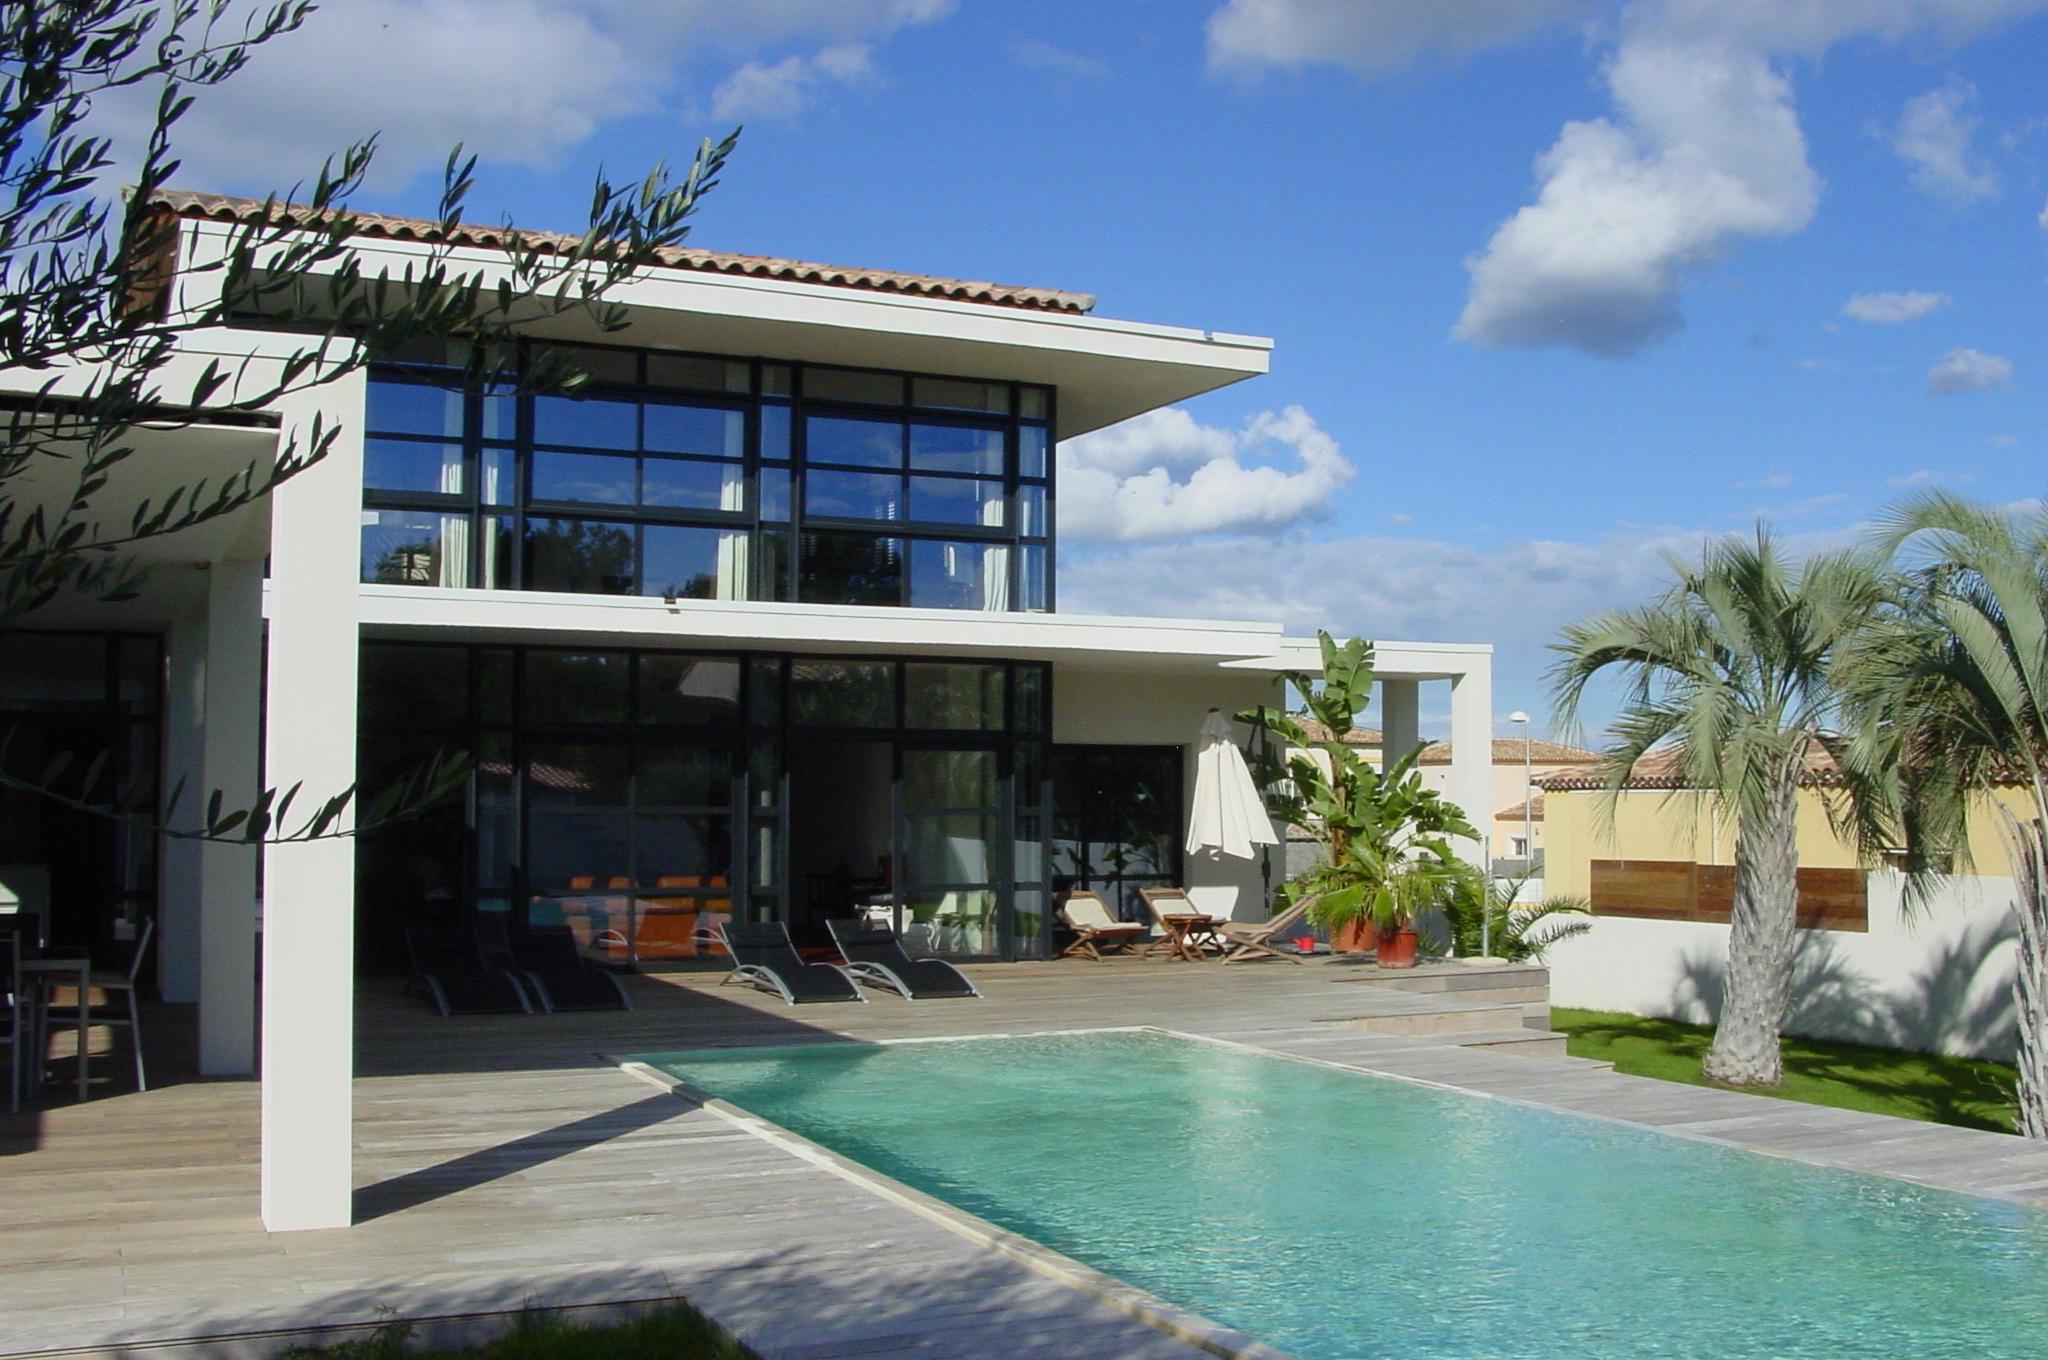 Plan de maison luxueuse une maison luxueuse prestige nb - Plan de maison luxueuse ...